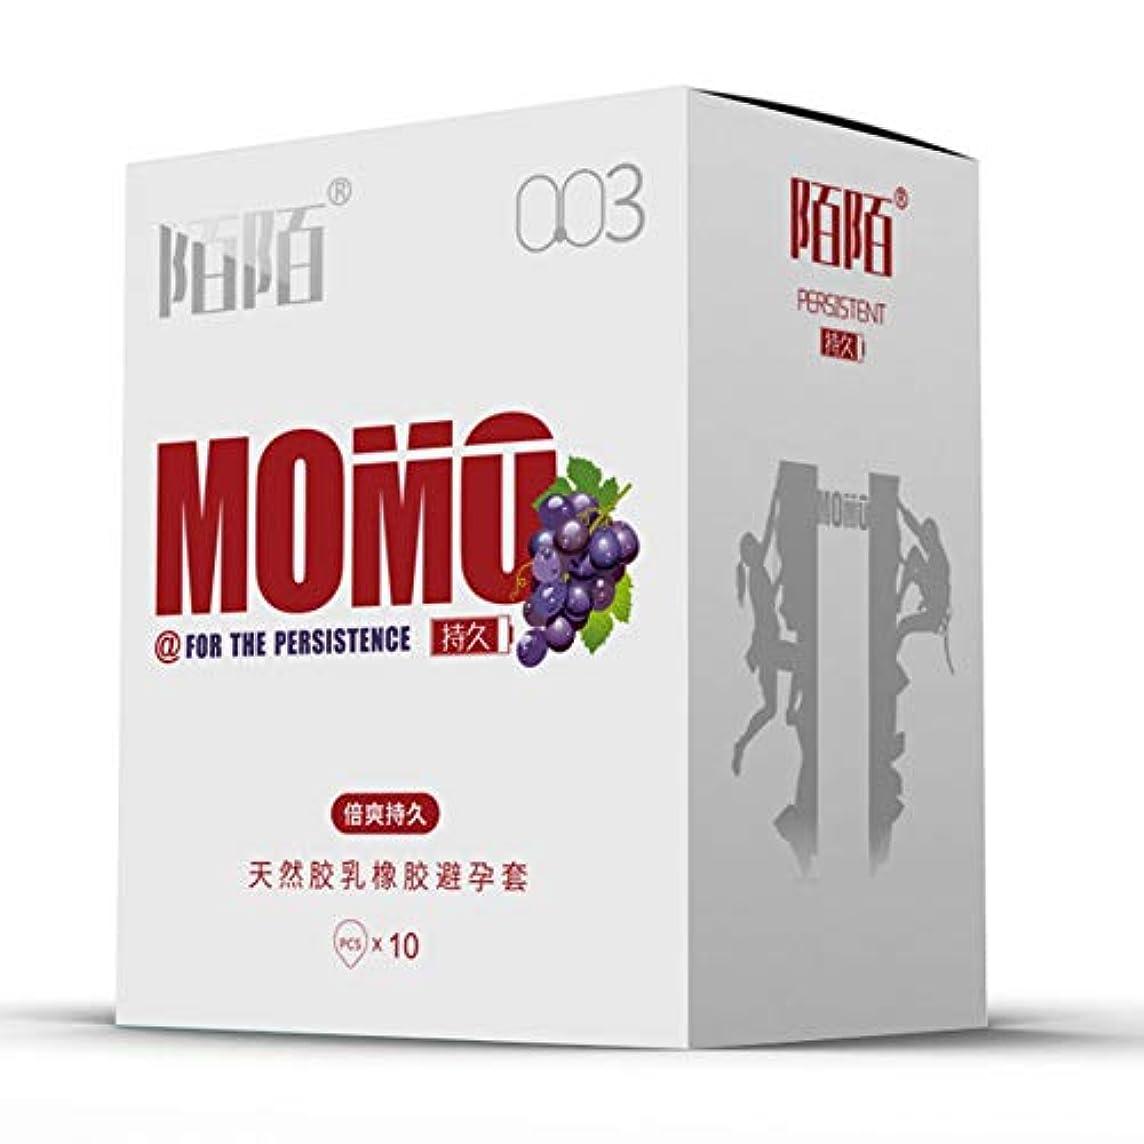 頼る直面する受付YAMIKA 四種類 10個入り 0.03ミリ フルーツ味薄型コンドーム 果物味 超薄い 大人のおもちゃ